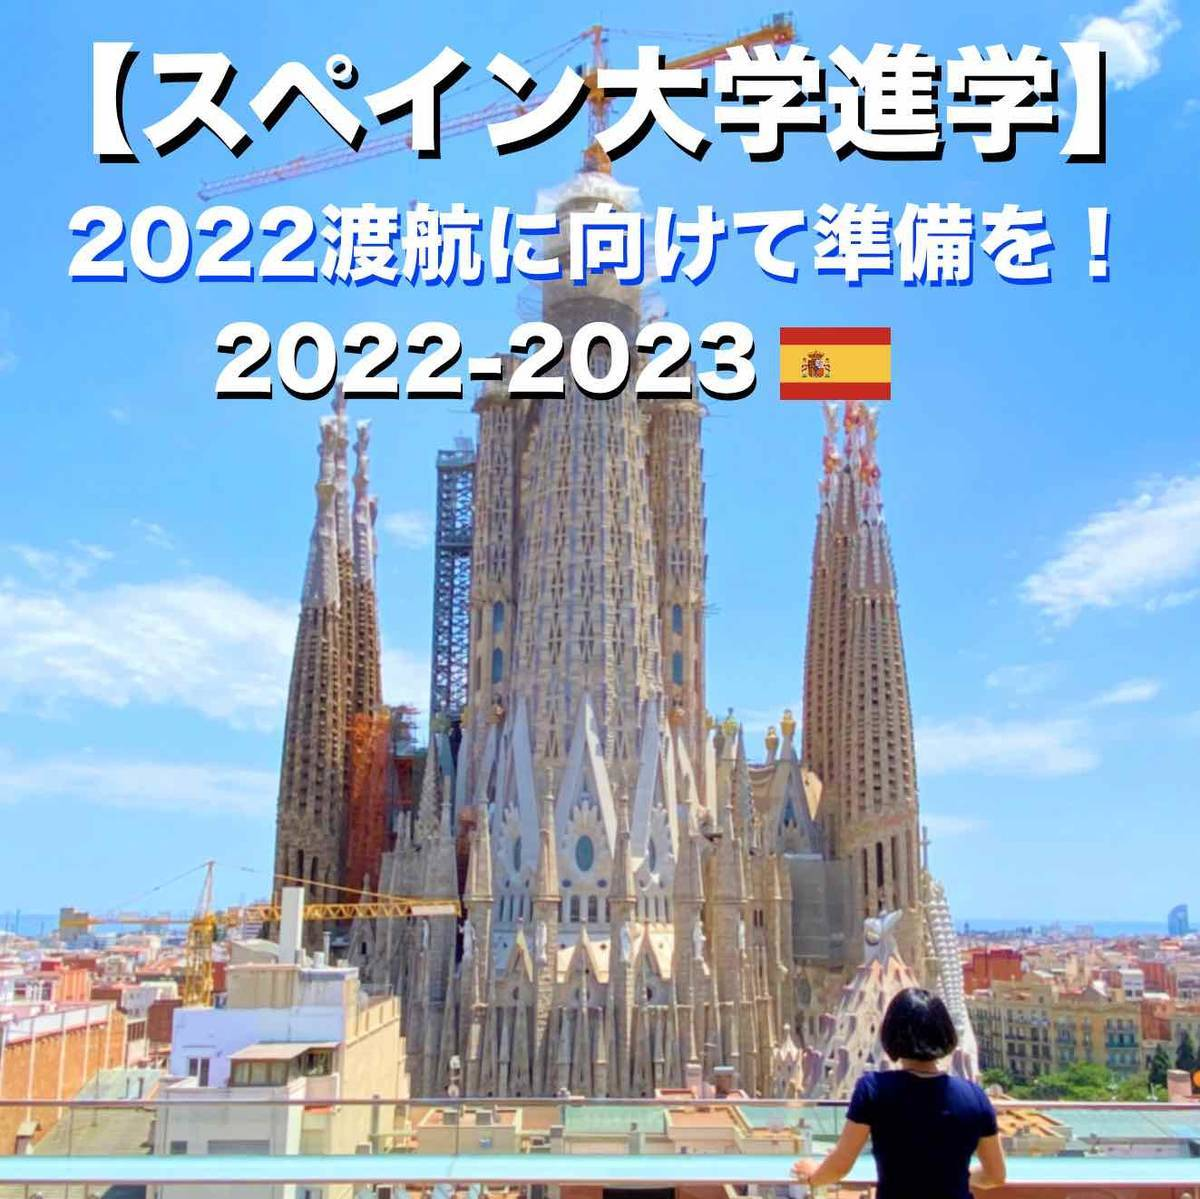 f:id:kaedetaniyoshi:20210620183655j:plain